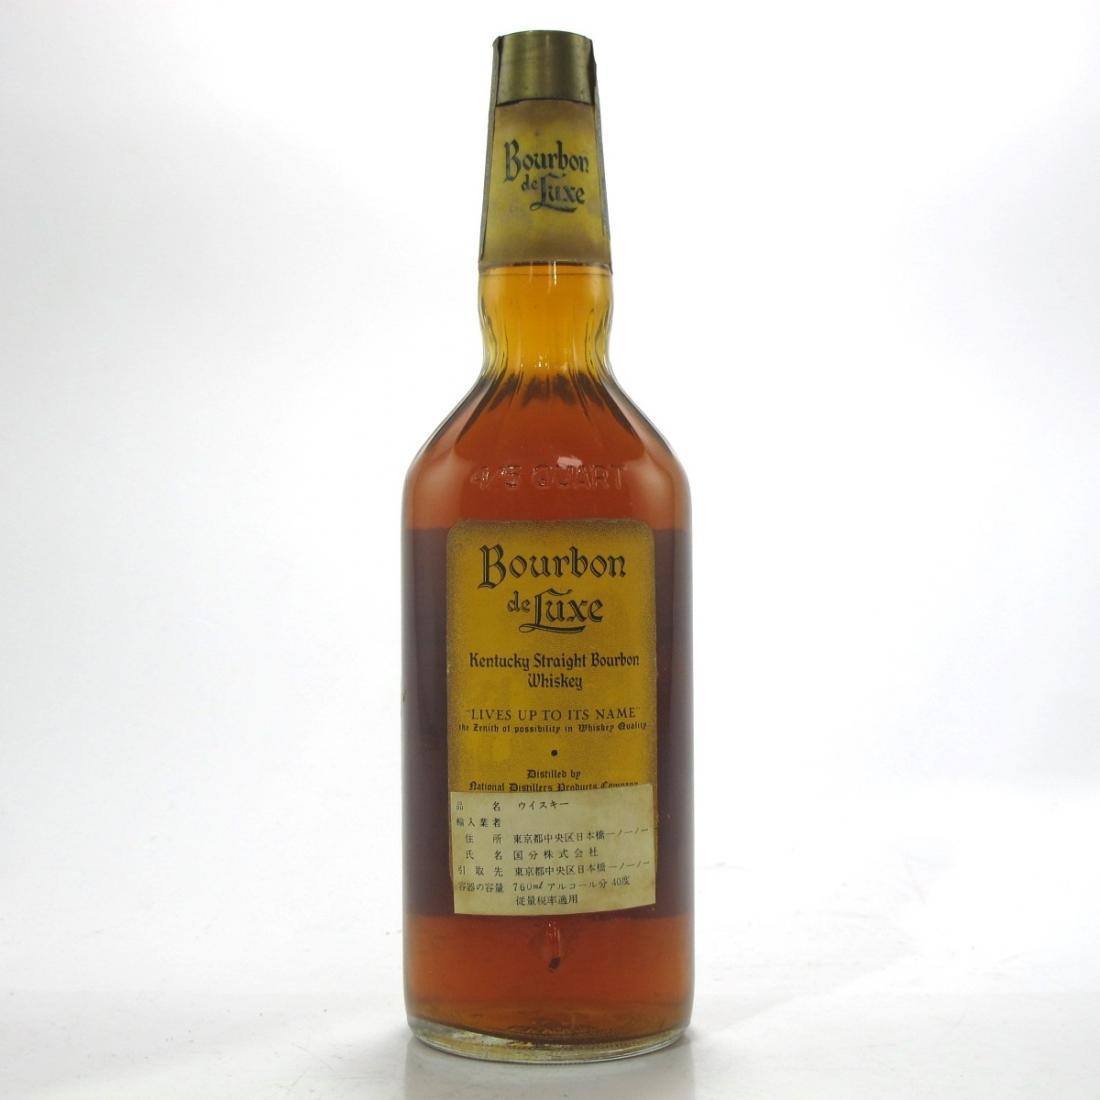 Bourbon de Luxe Kentucky Straight Bourbon 1970s